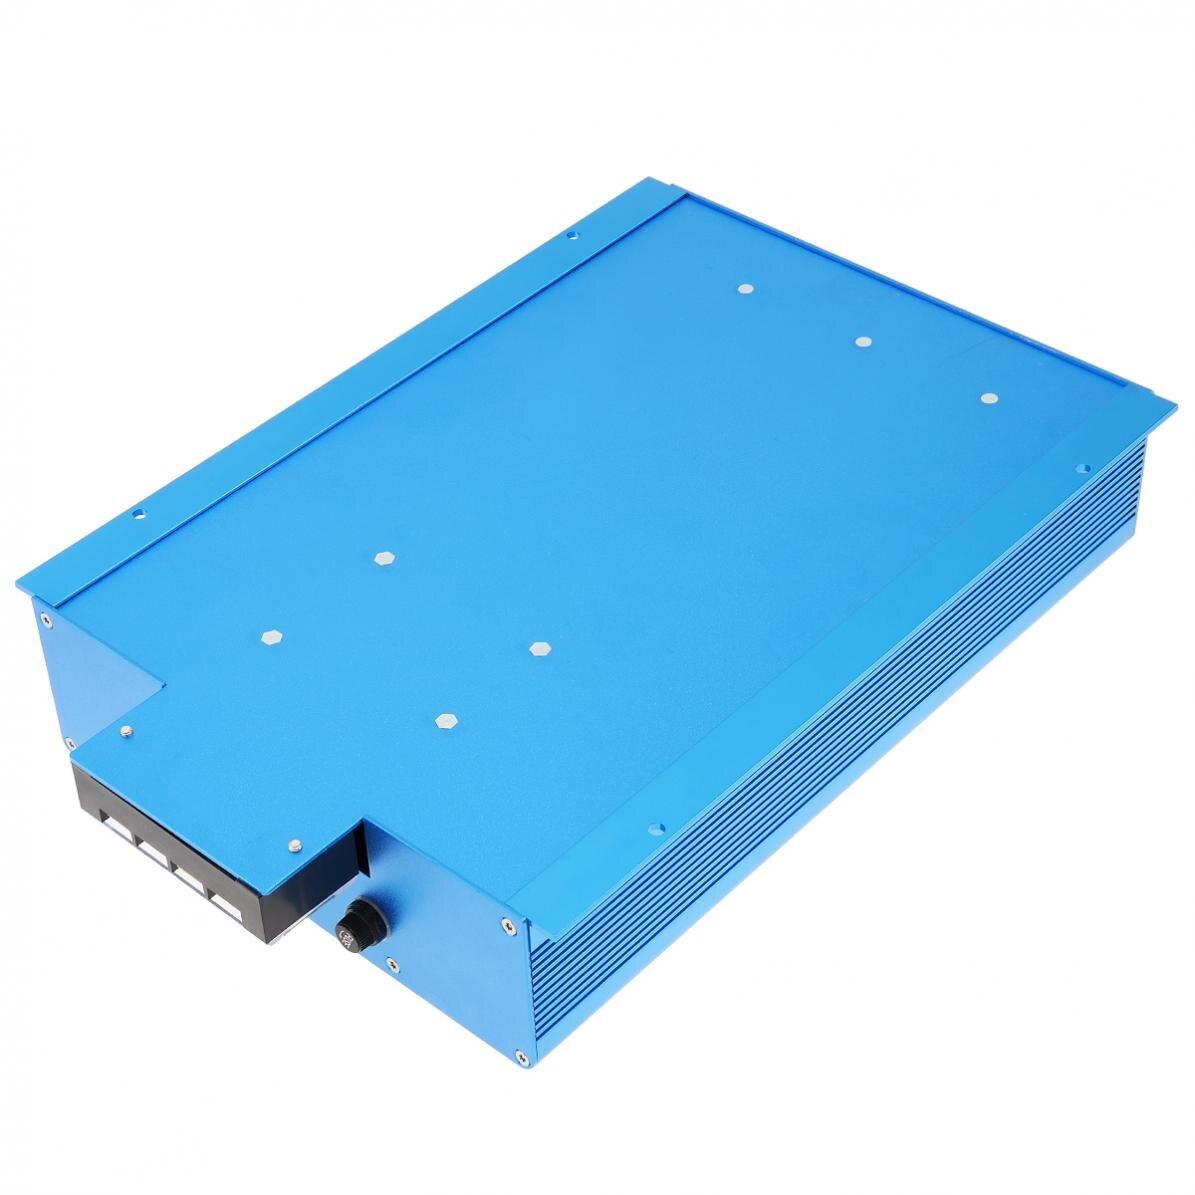 Dispositif d'économie d'électricité industriel Intelligent avec tueur de facture d'électricité de indicateur LED jusqu'à 30% pour l'usine de Restaurant - 6